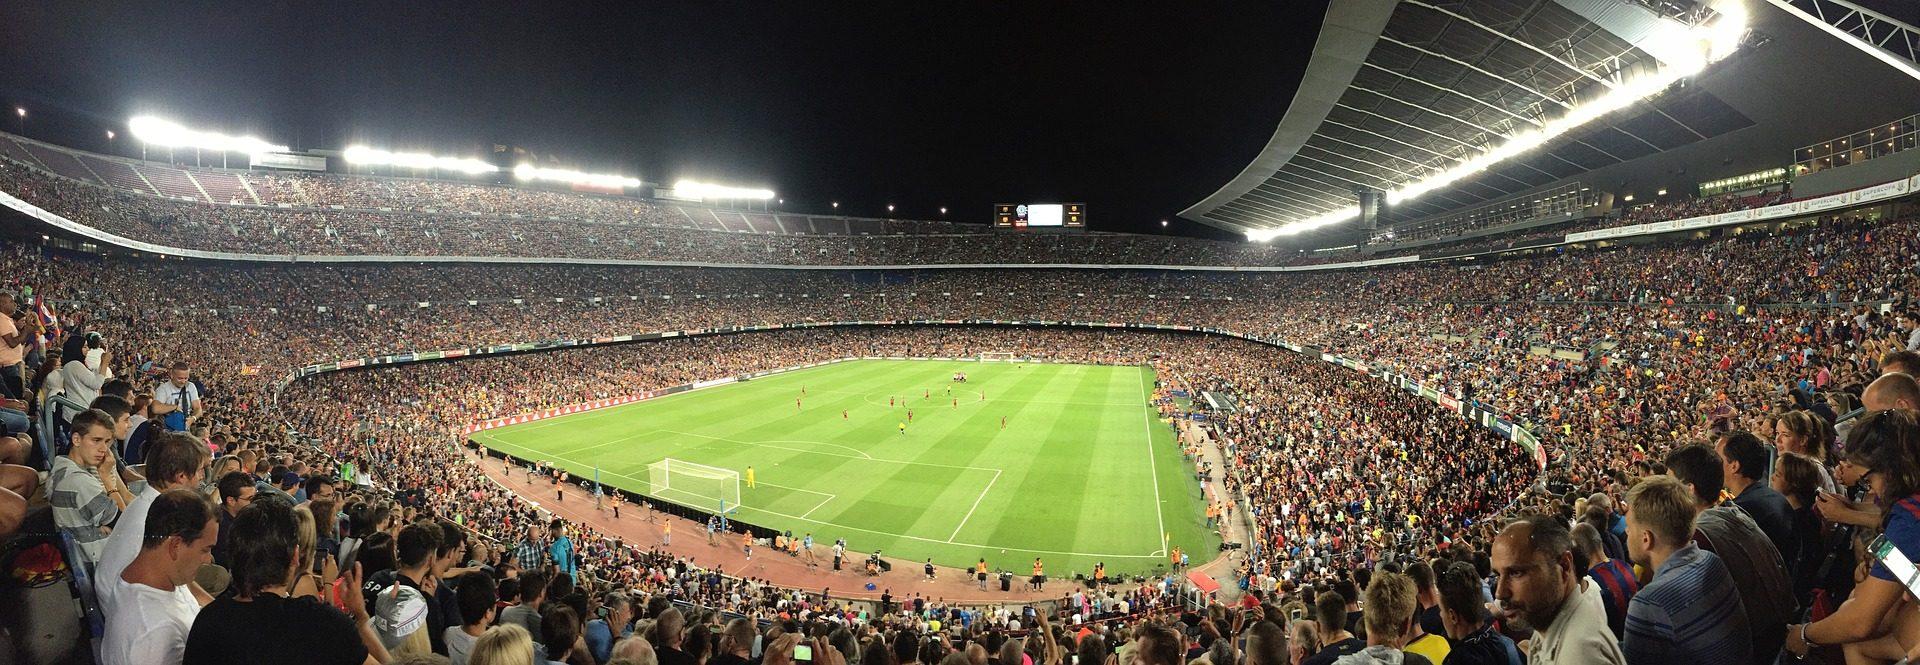 La Liga Tickets günstig kaufen Topsiele ab 80,00€ - Flug & Hotel Seperat